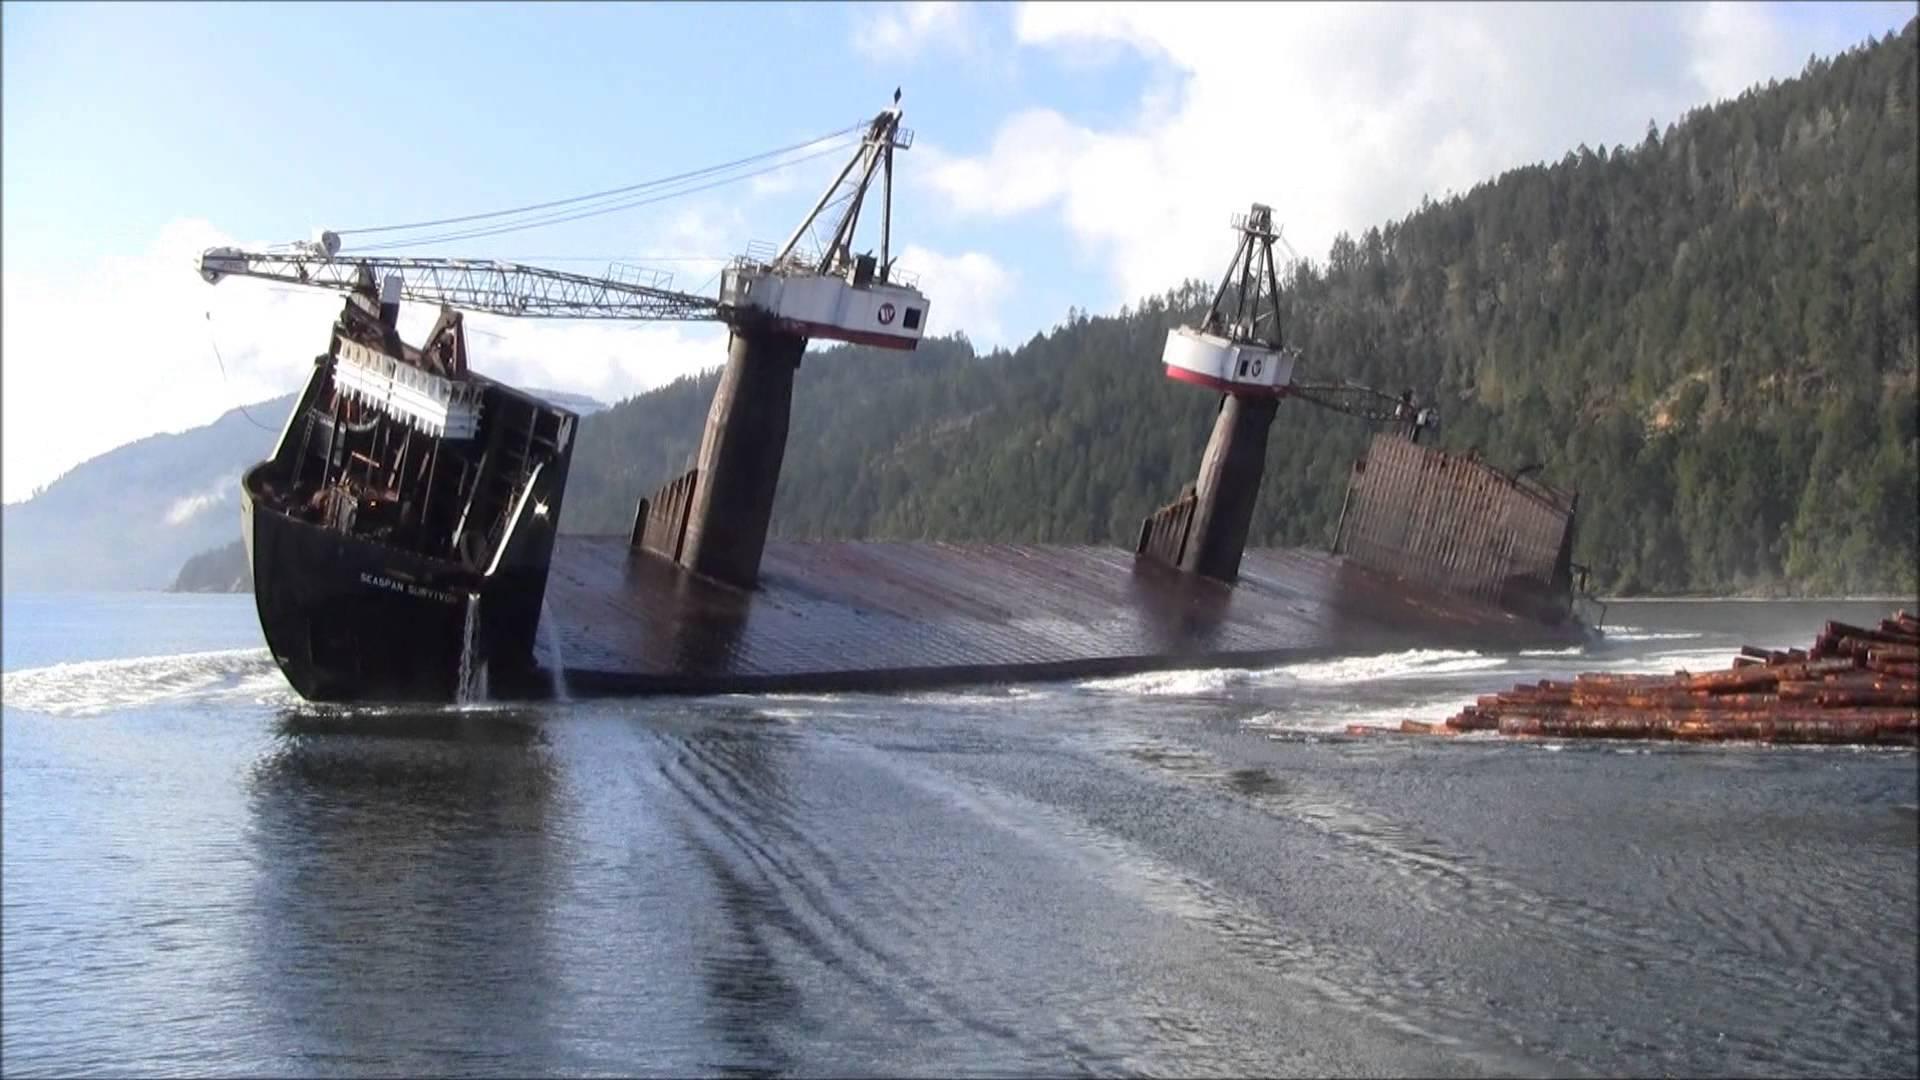 Comment décharger un bateau plein de bois